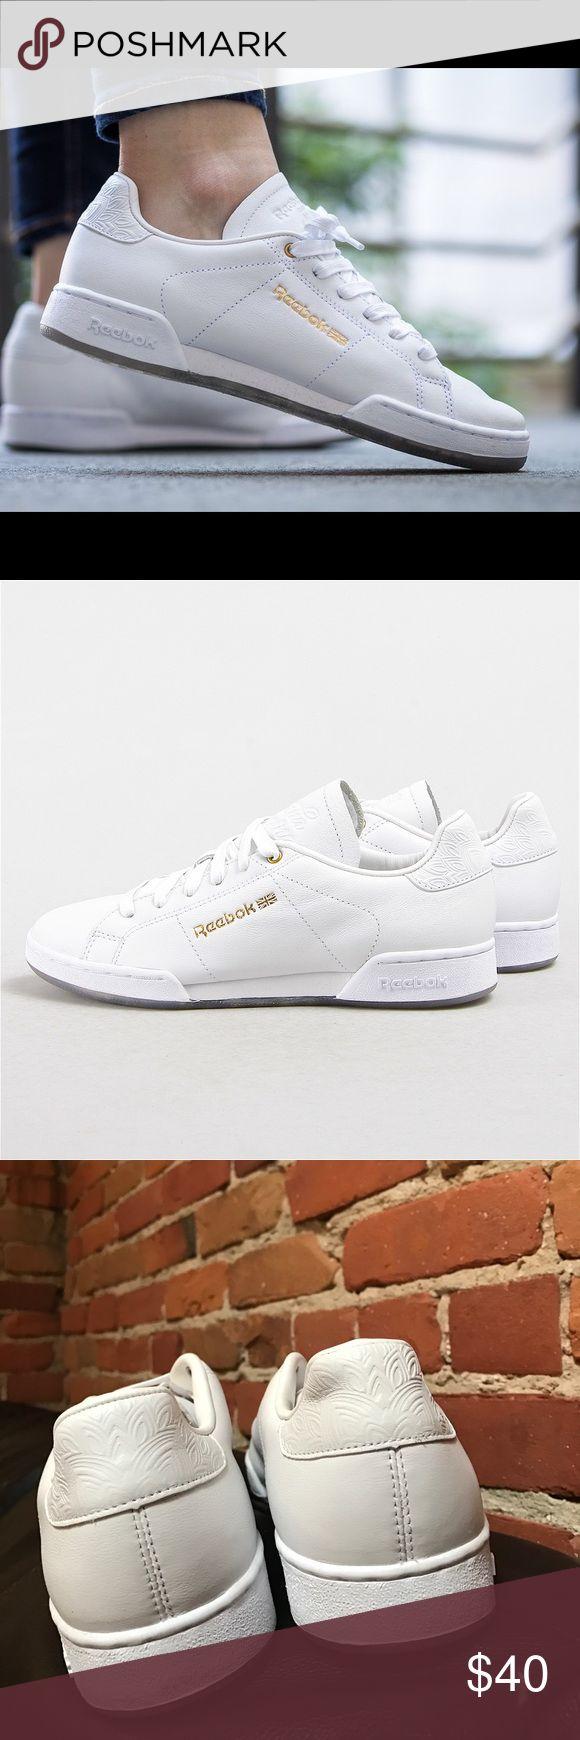 Reebok NPC II NE Sasha Tattooing Reebok NPC II NE Sasha Tattooing. Women's US 9. Never worn. Reebok Shoes Sneakers